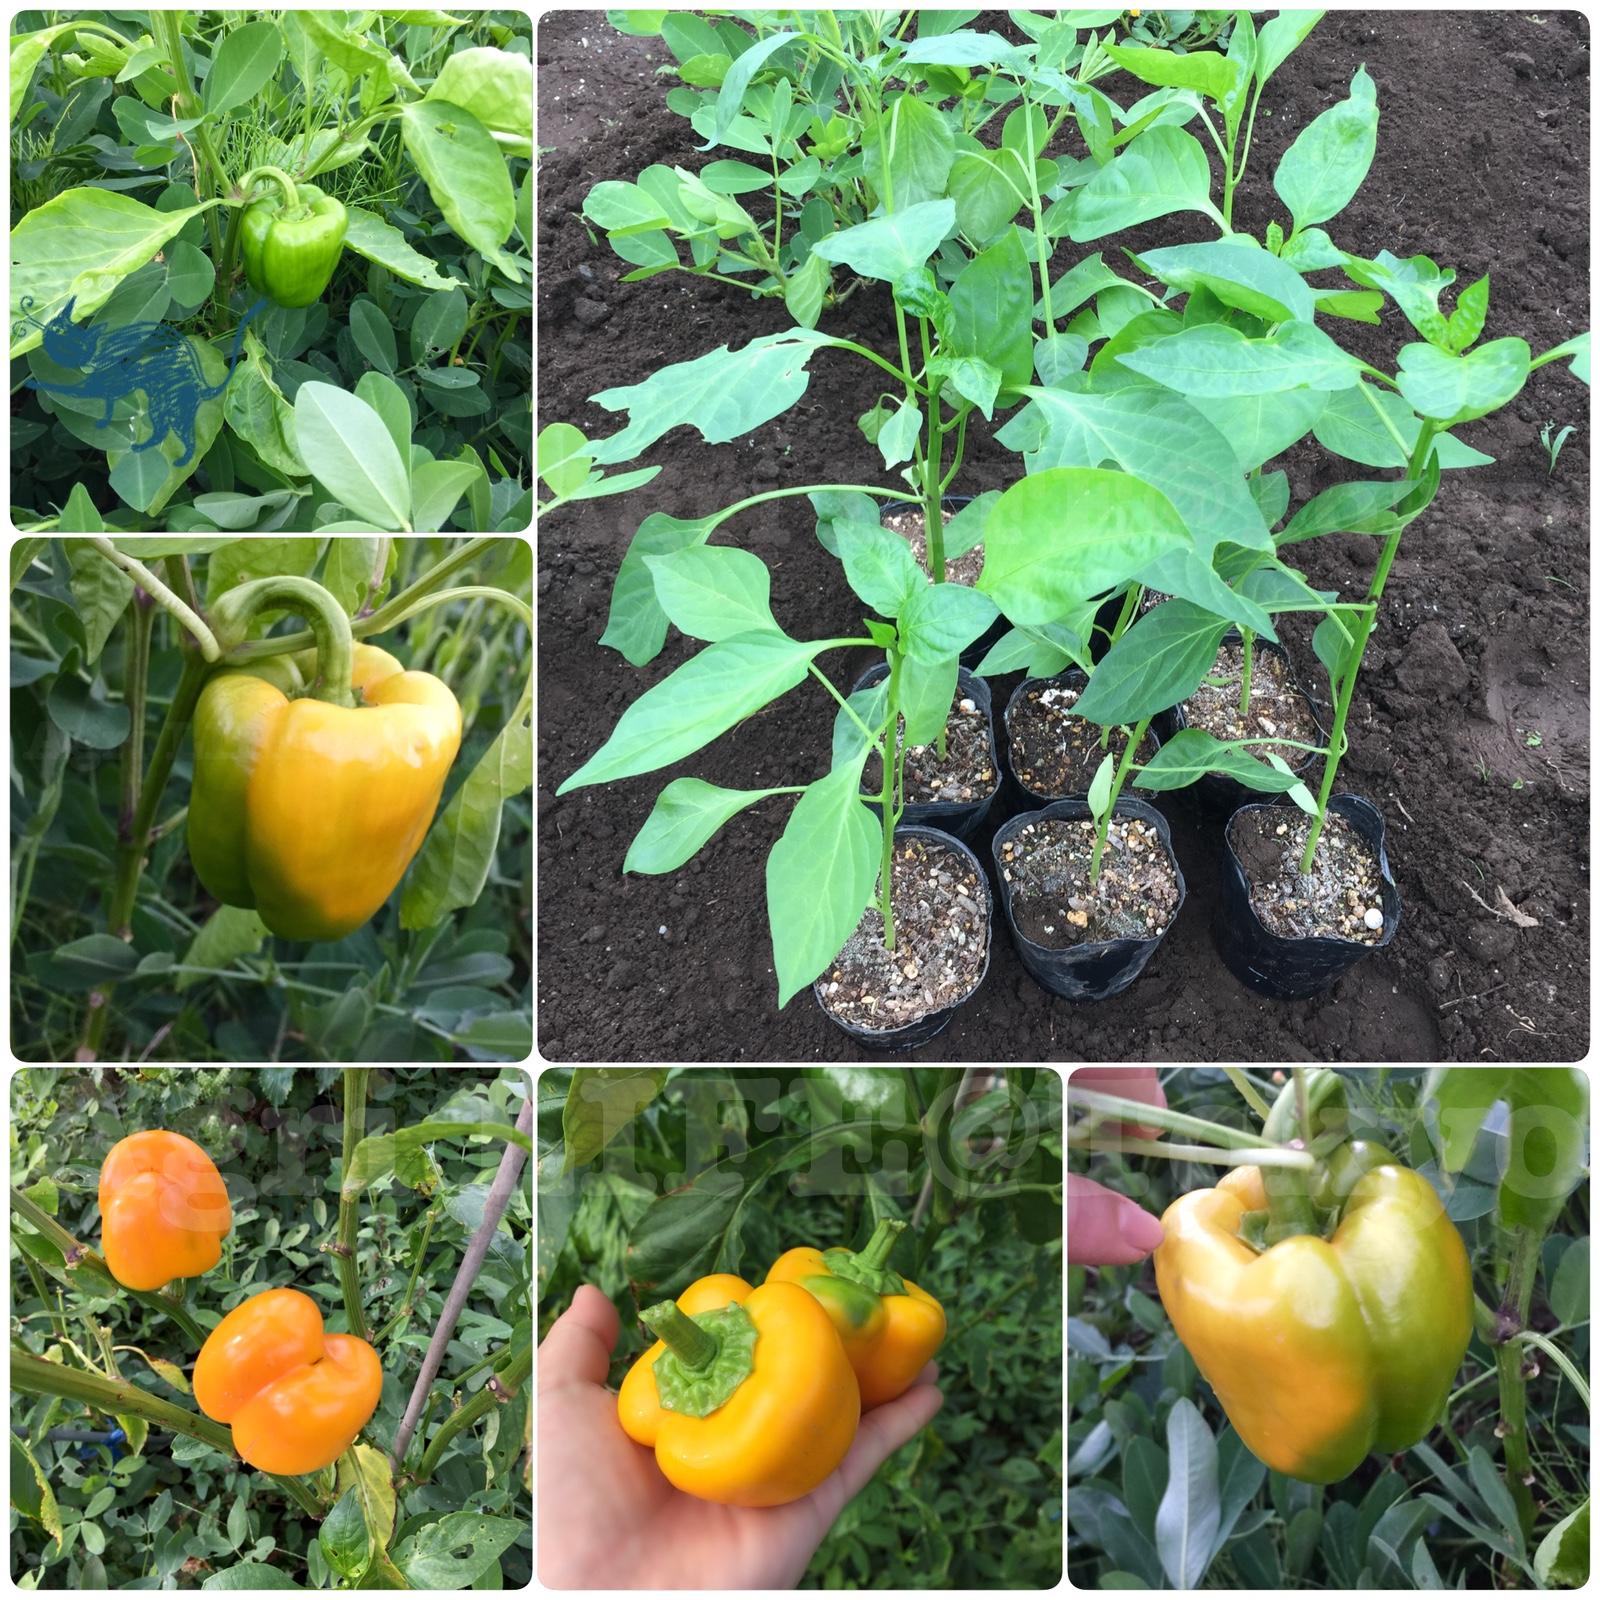 パプリカの食べ蒔き&栽培